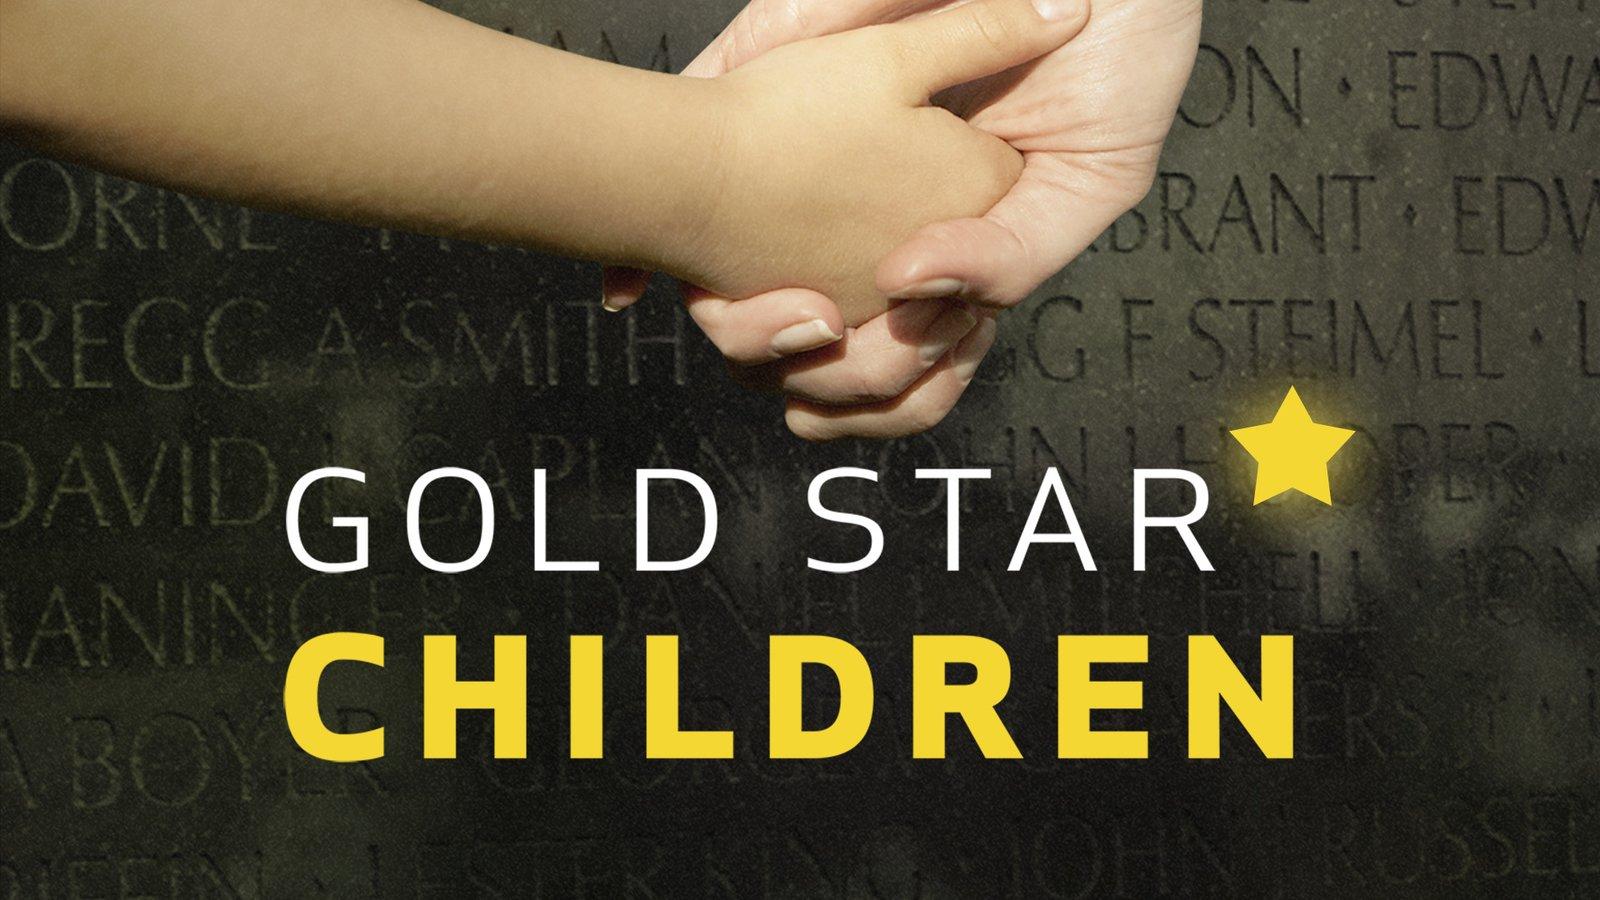 Gold Star Children - Children Who Have Lost Parents in Wars